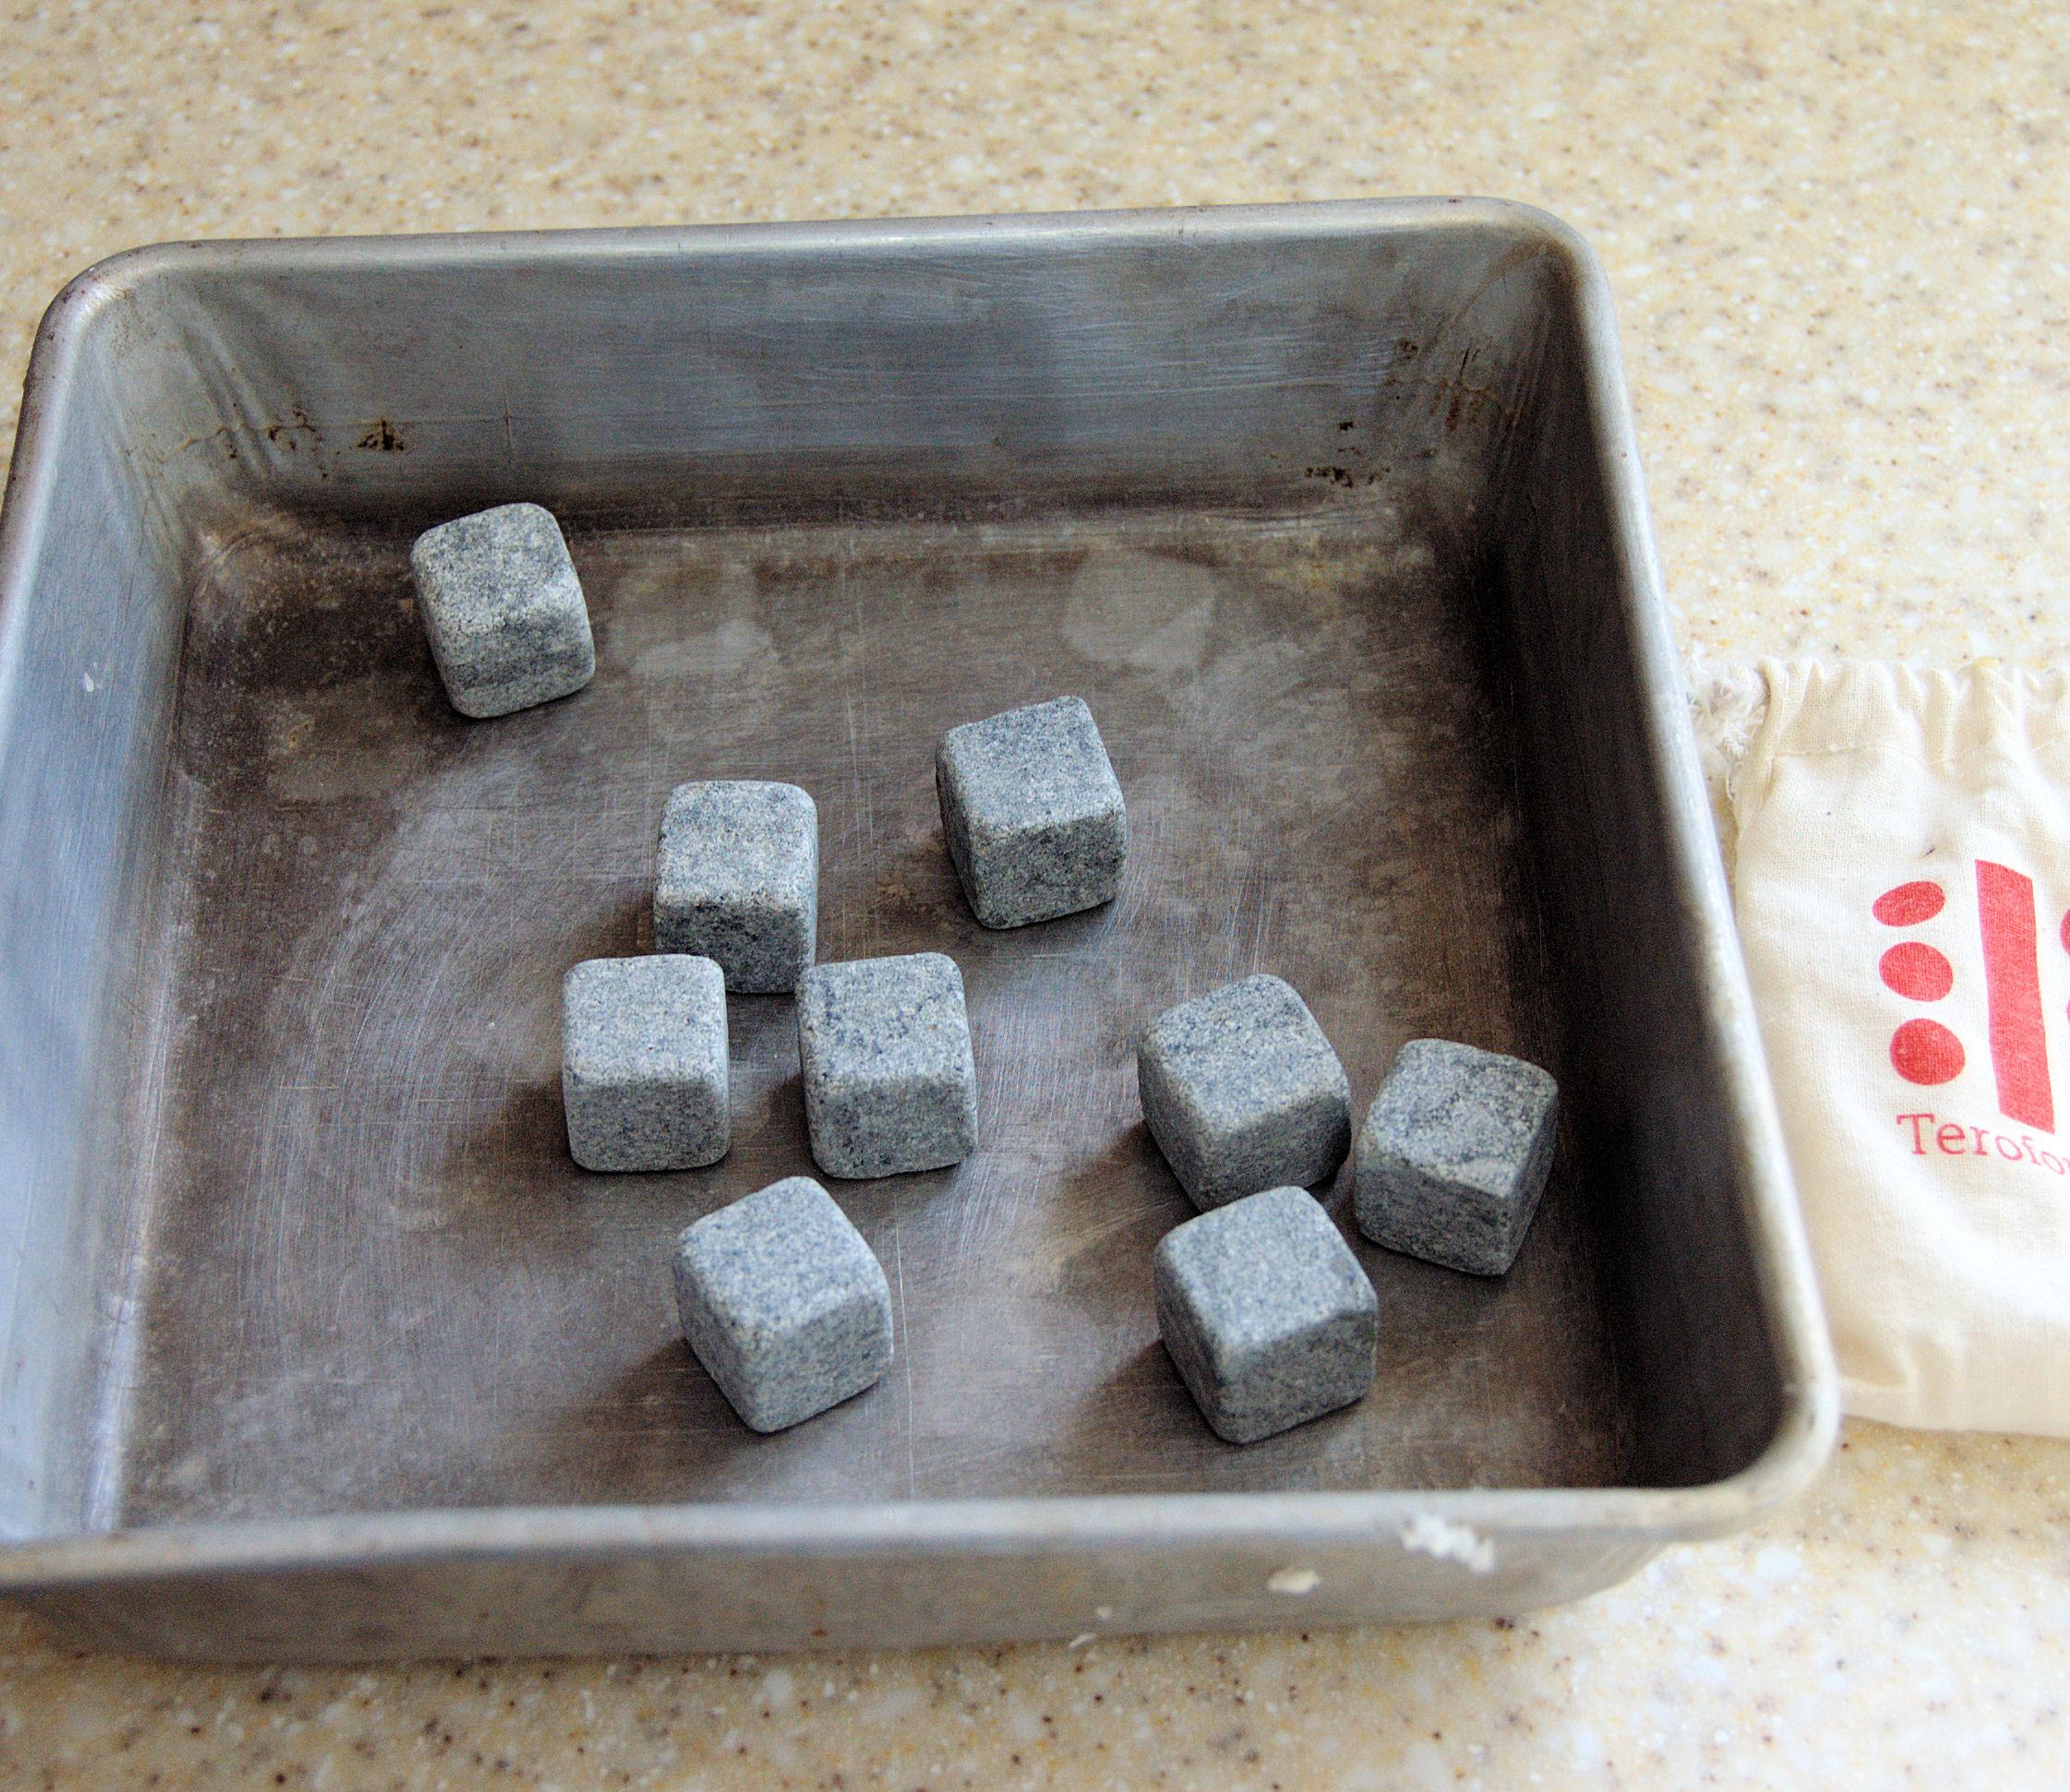 baking rocks